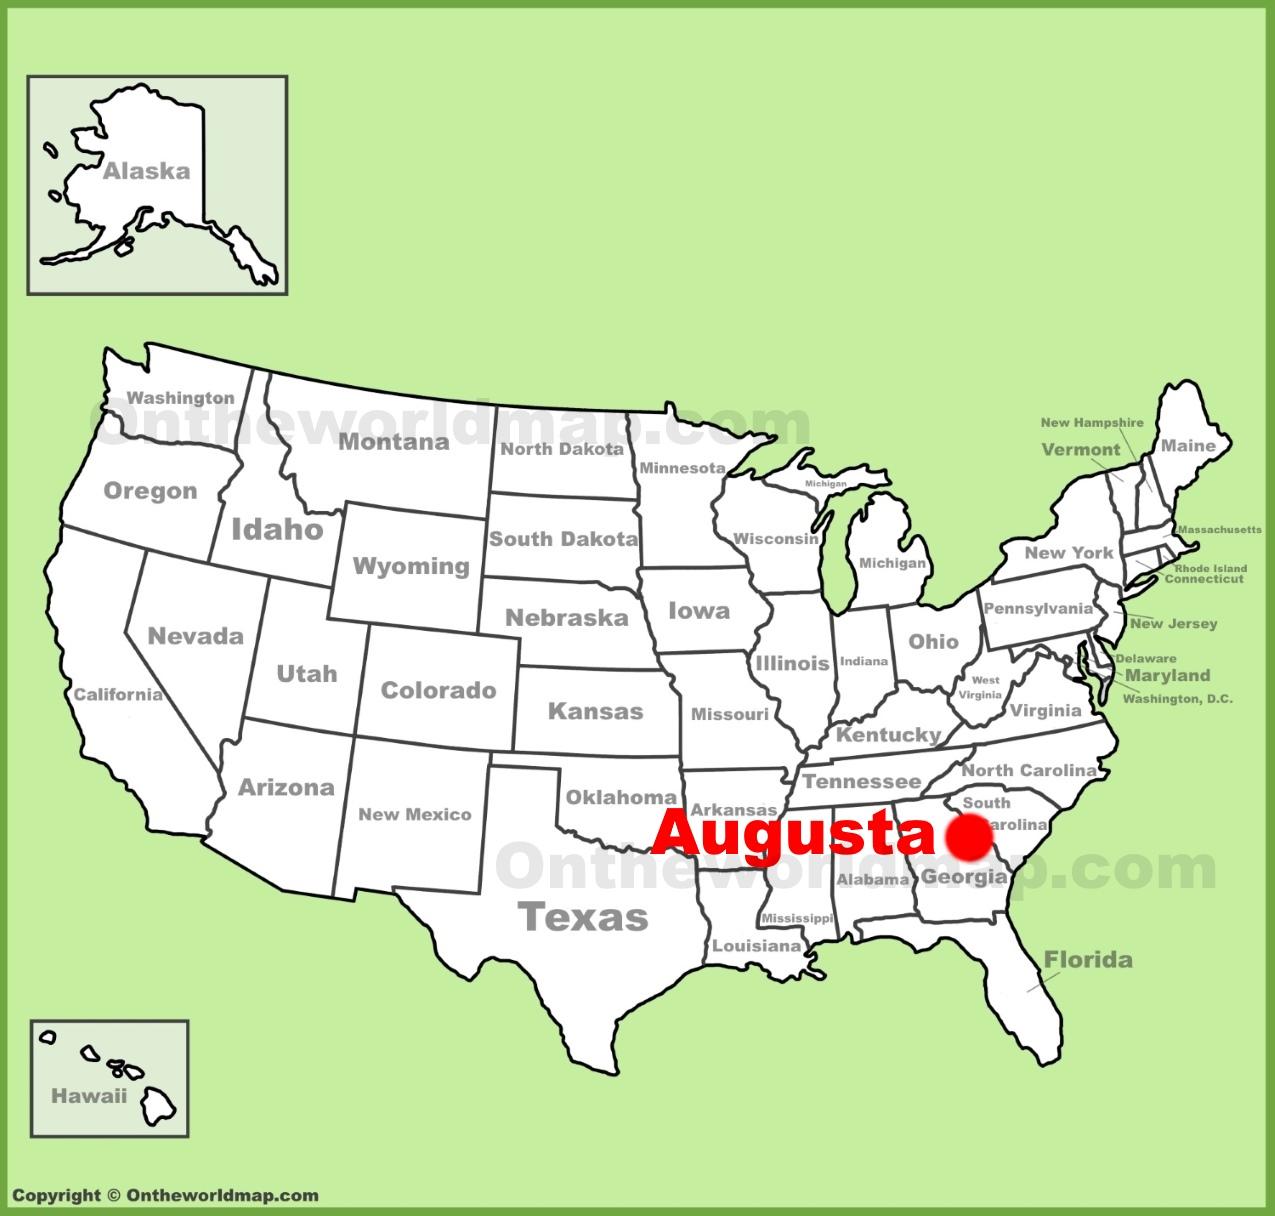 Map Of Augusta Georgia Augusta (Georgia) location on the U.S. Map Map Of Augusta Georgia